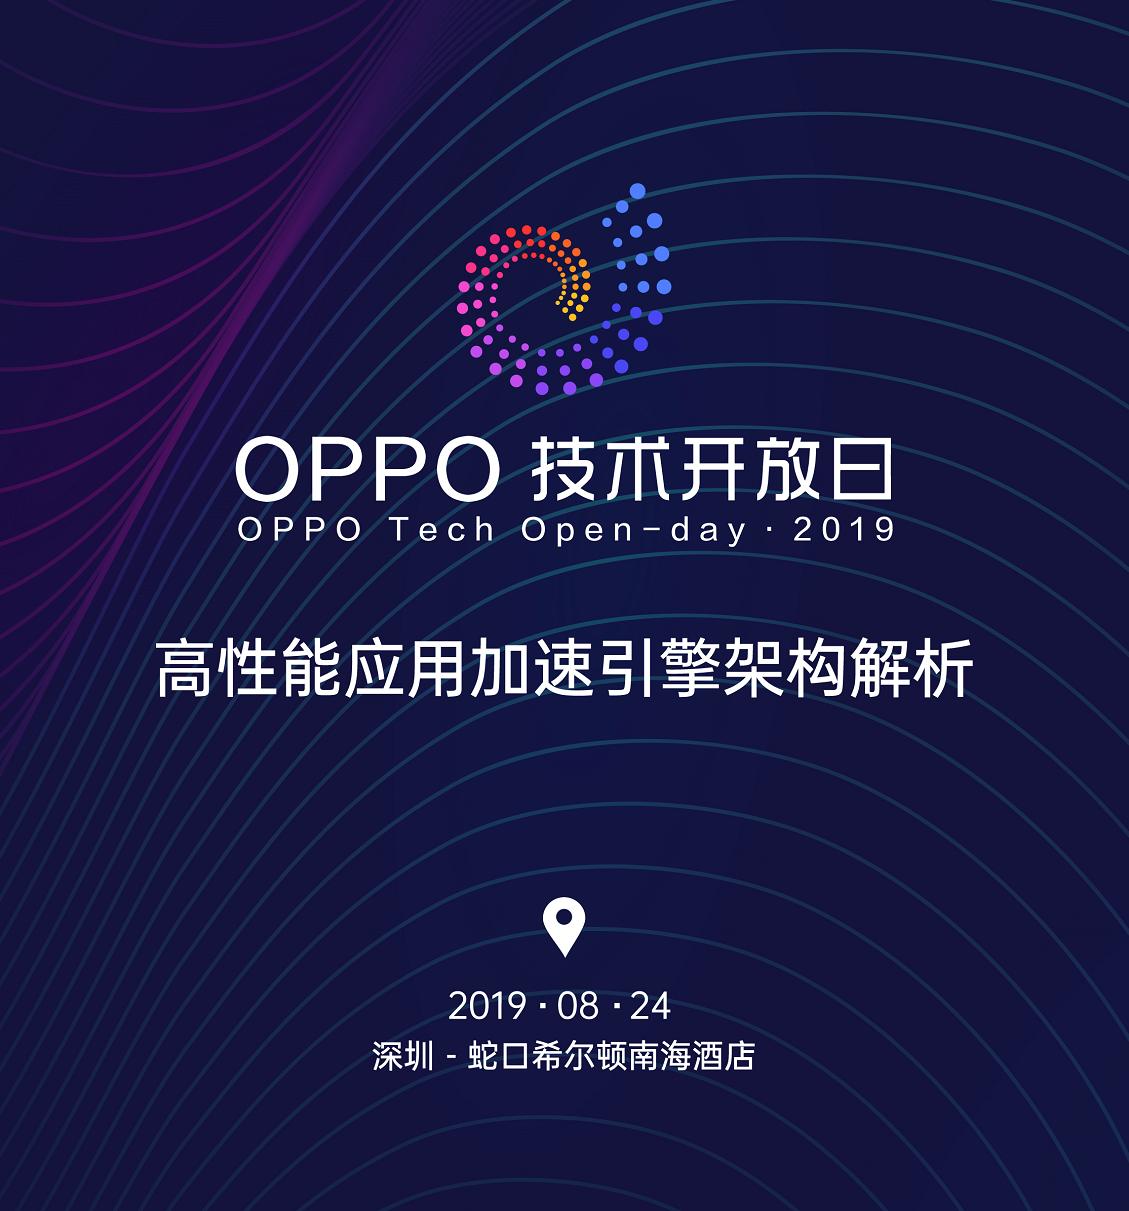 刷新感官体验!OPPO开放平台将举办第四期OPPO技术开放日